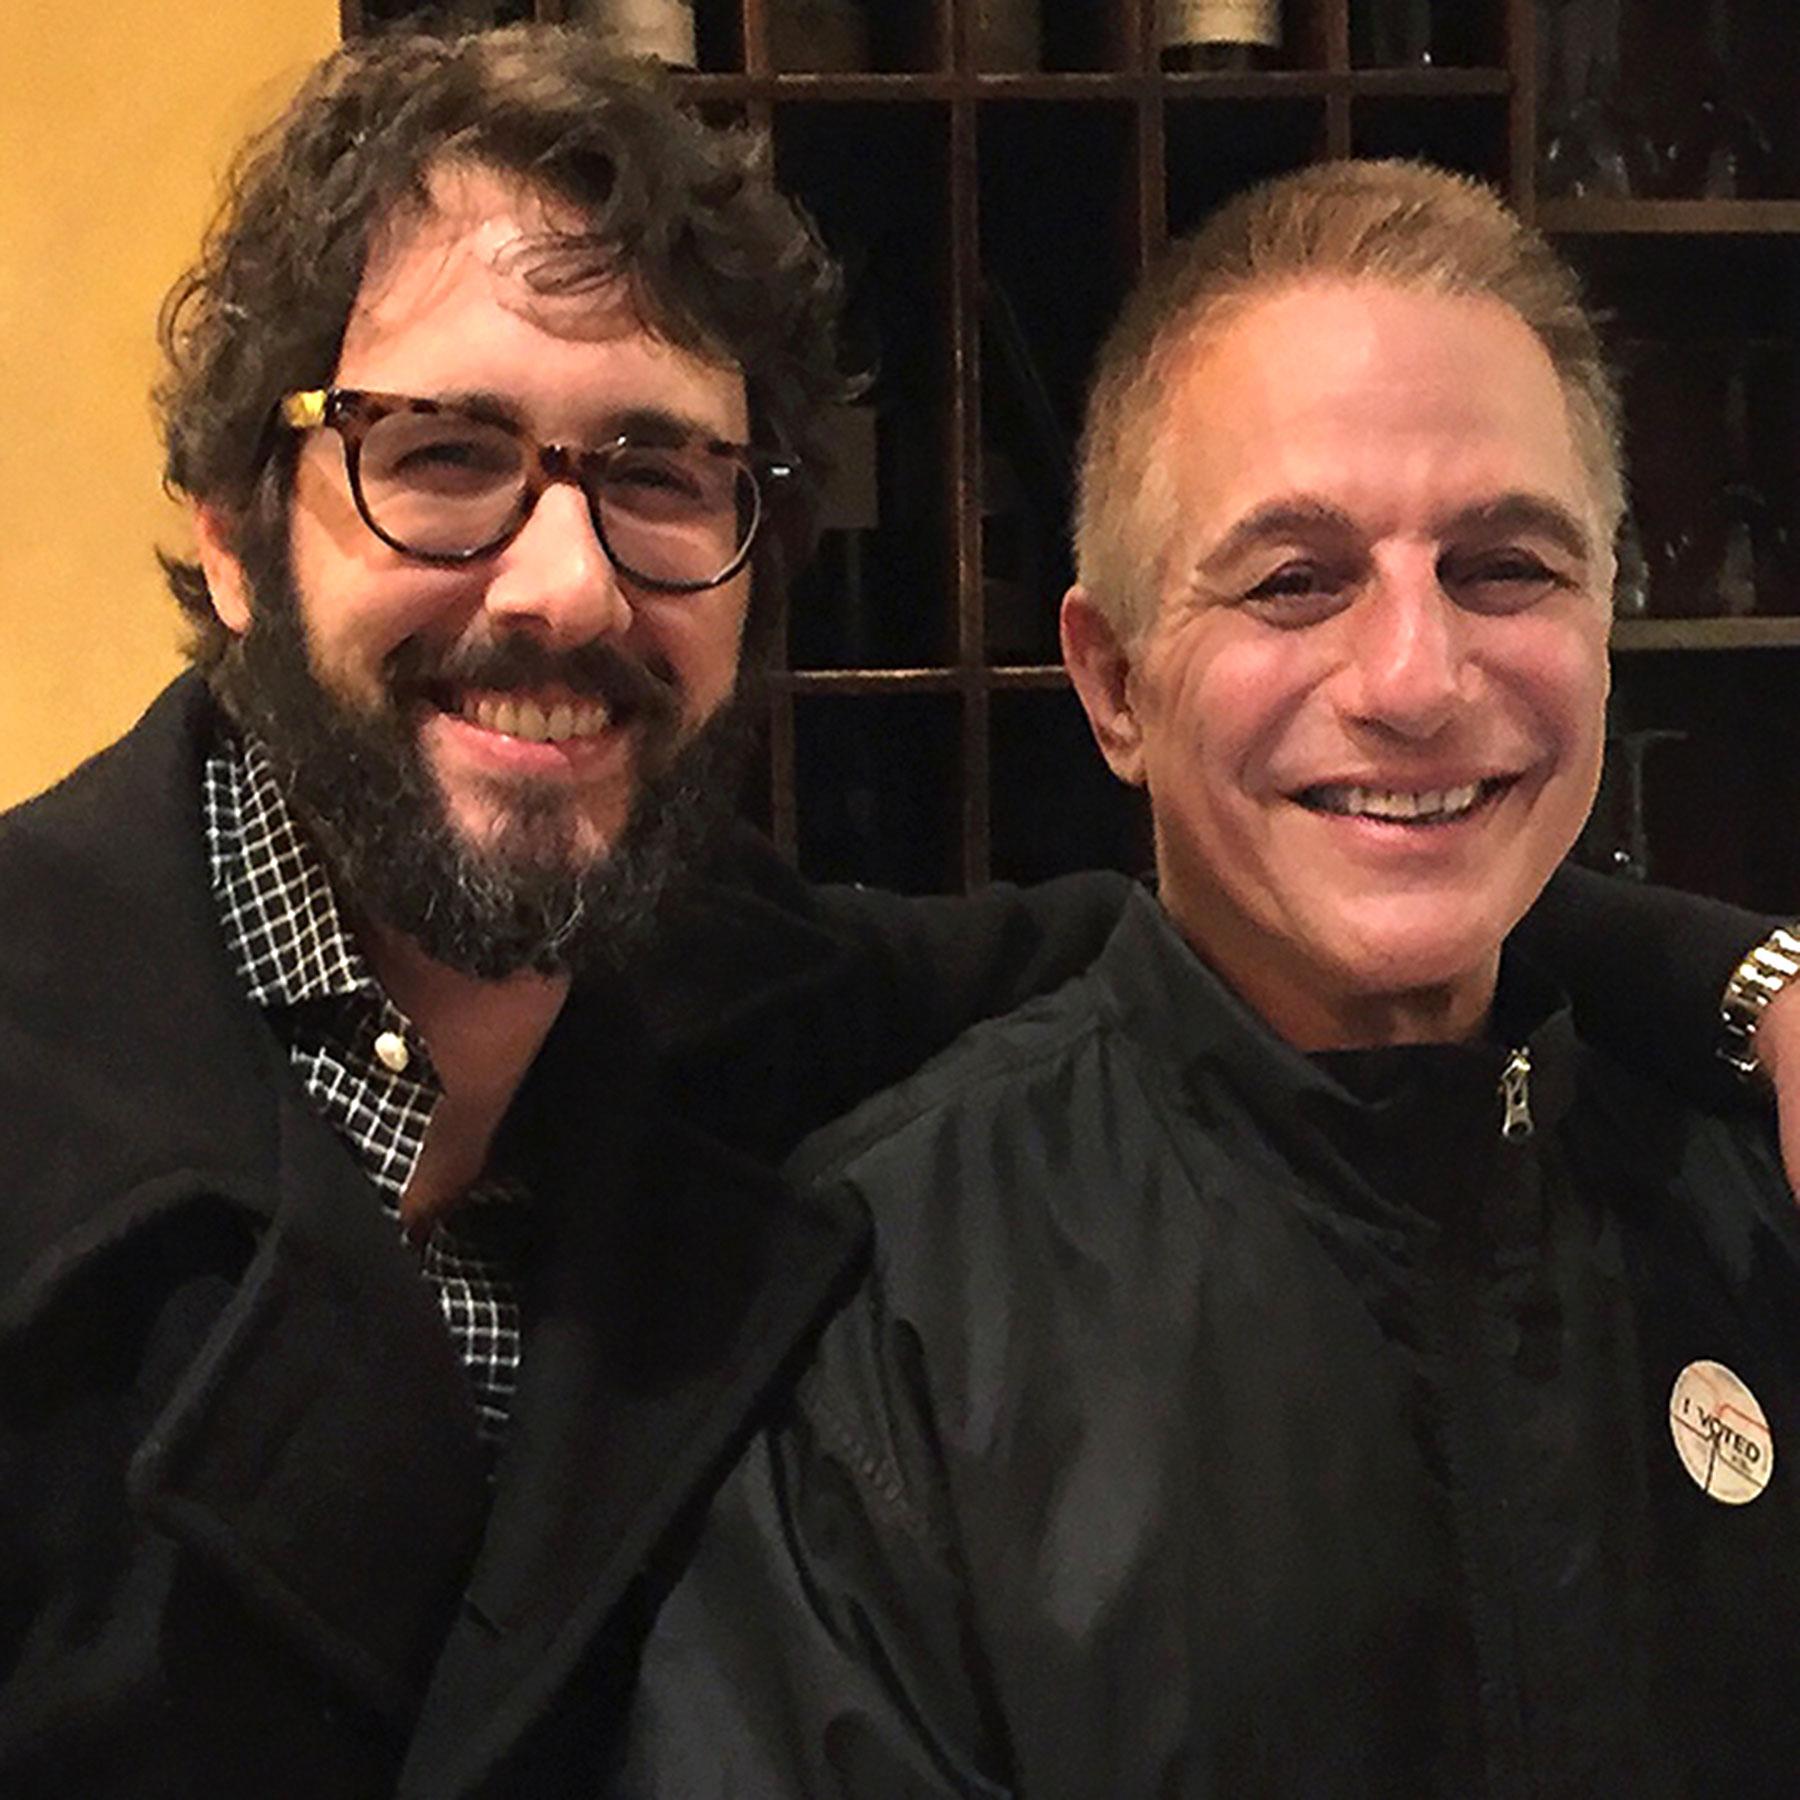 Josh Groban and Tony Danza